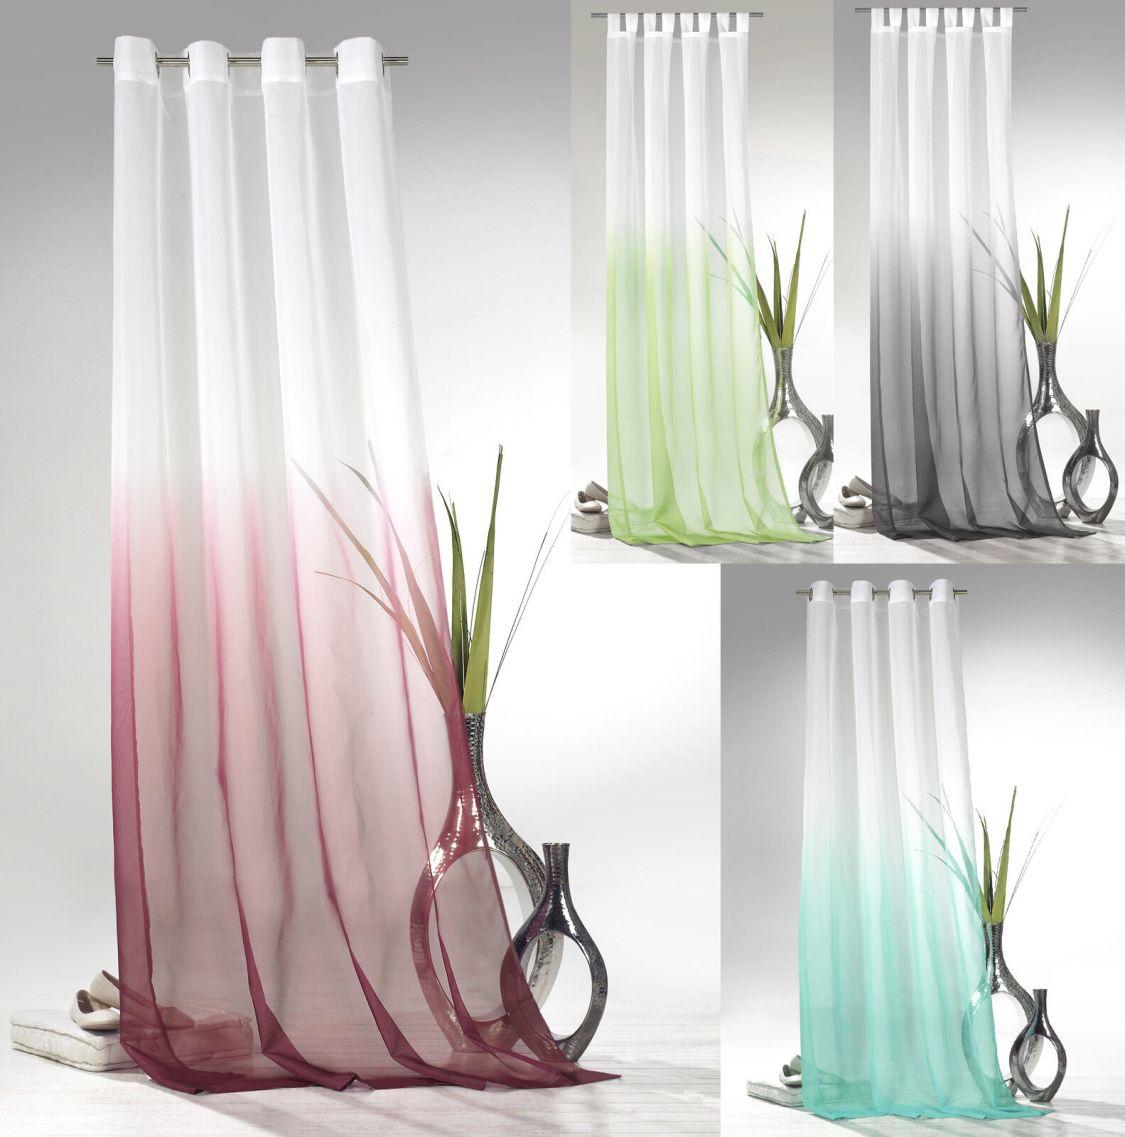 Ösenschal Schlaufenschal Gardine m. Farbverlauf Voile transparent Ökotex Typ501